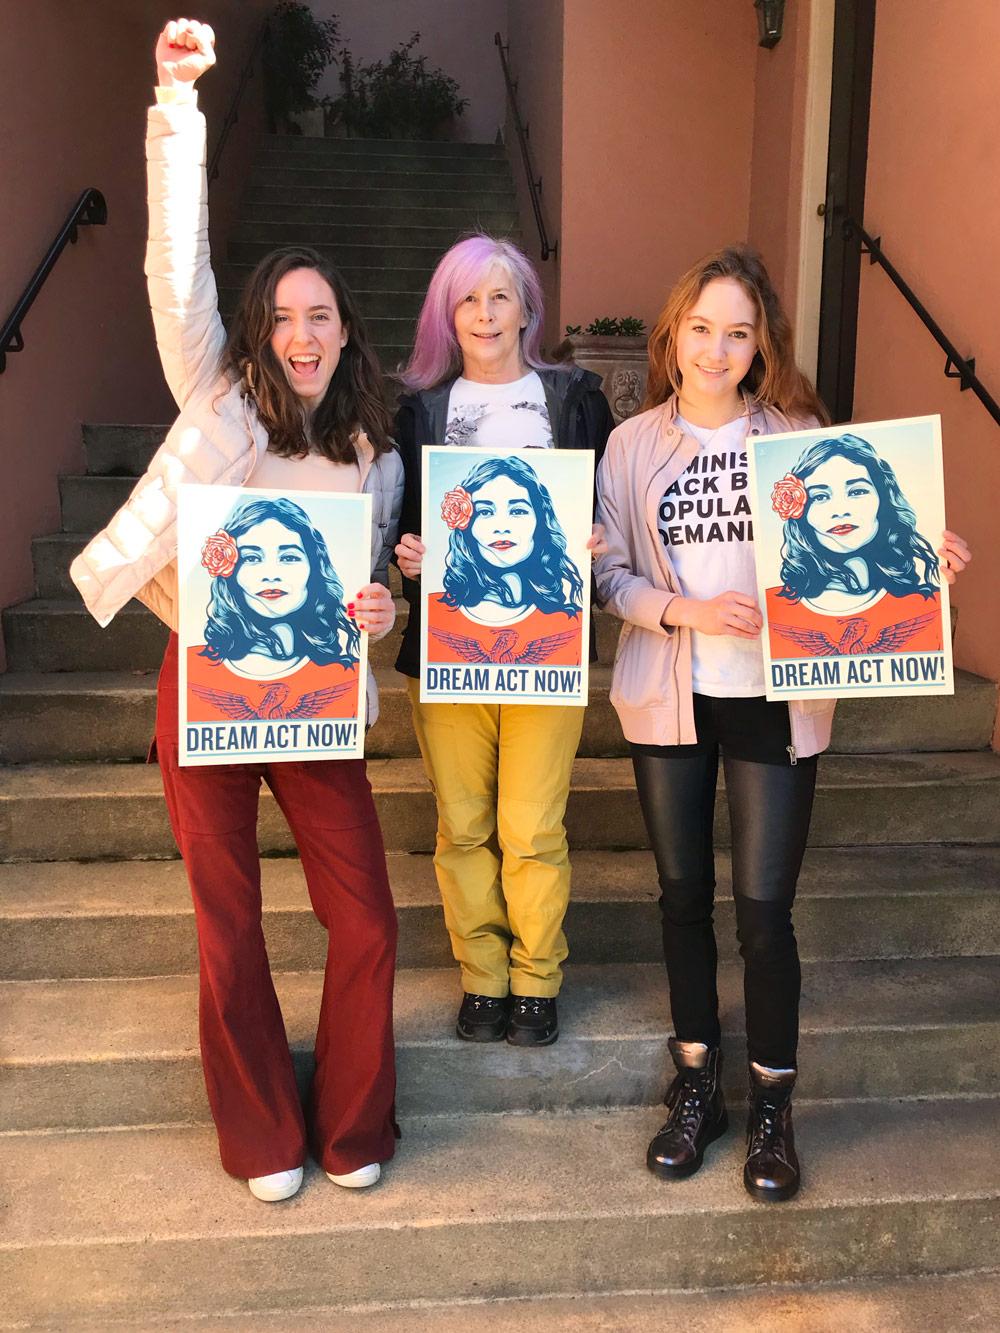 SF Women's march